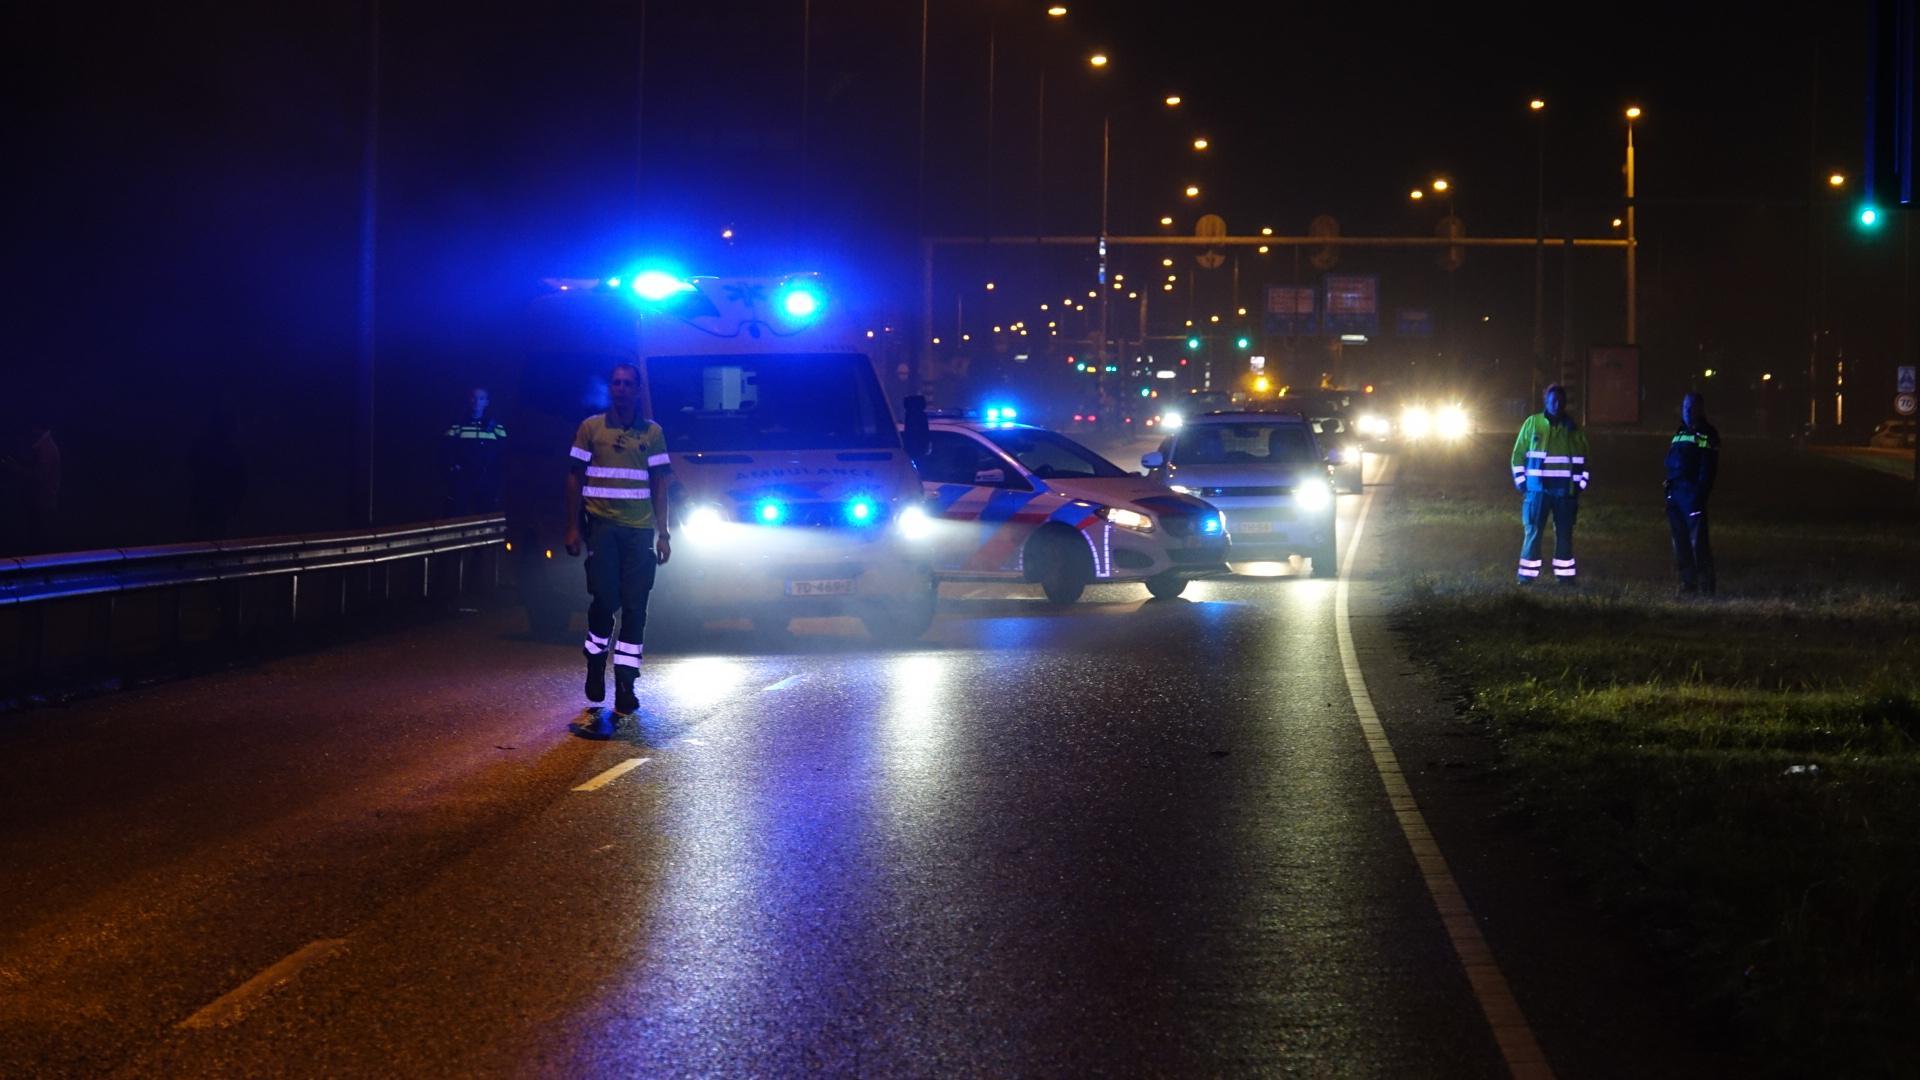 Auto vliegt rijdend in brand in Hoorn, Provincialeweg afgesloten